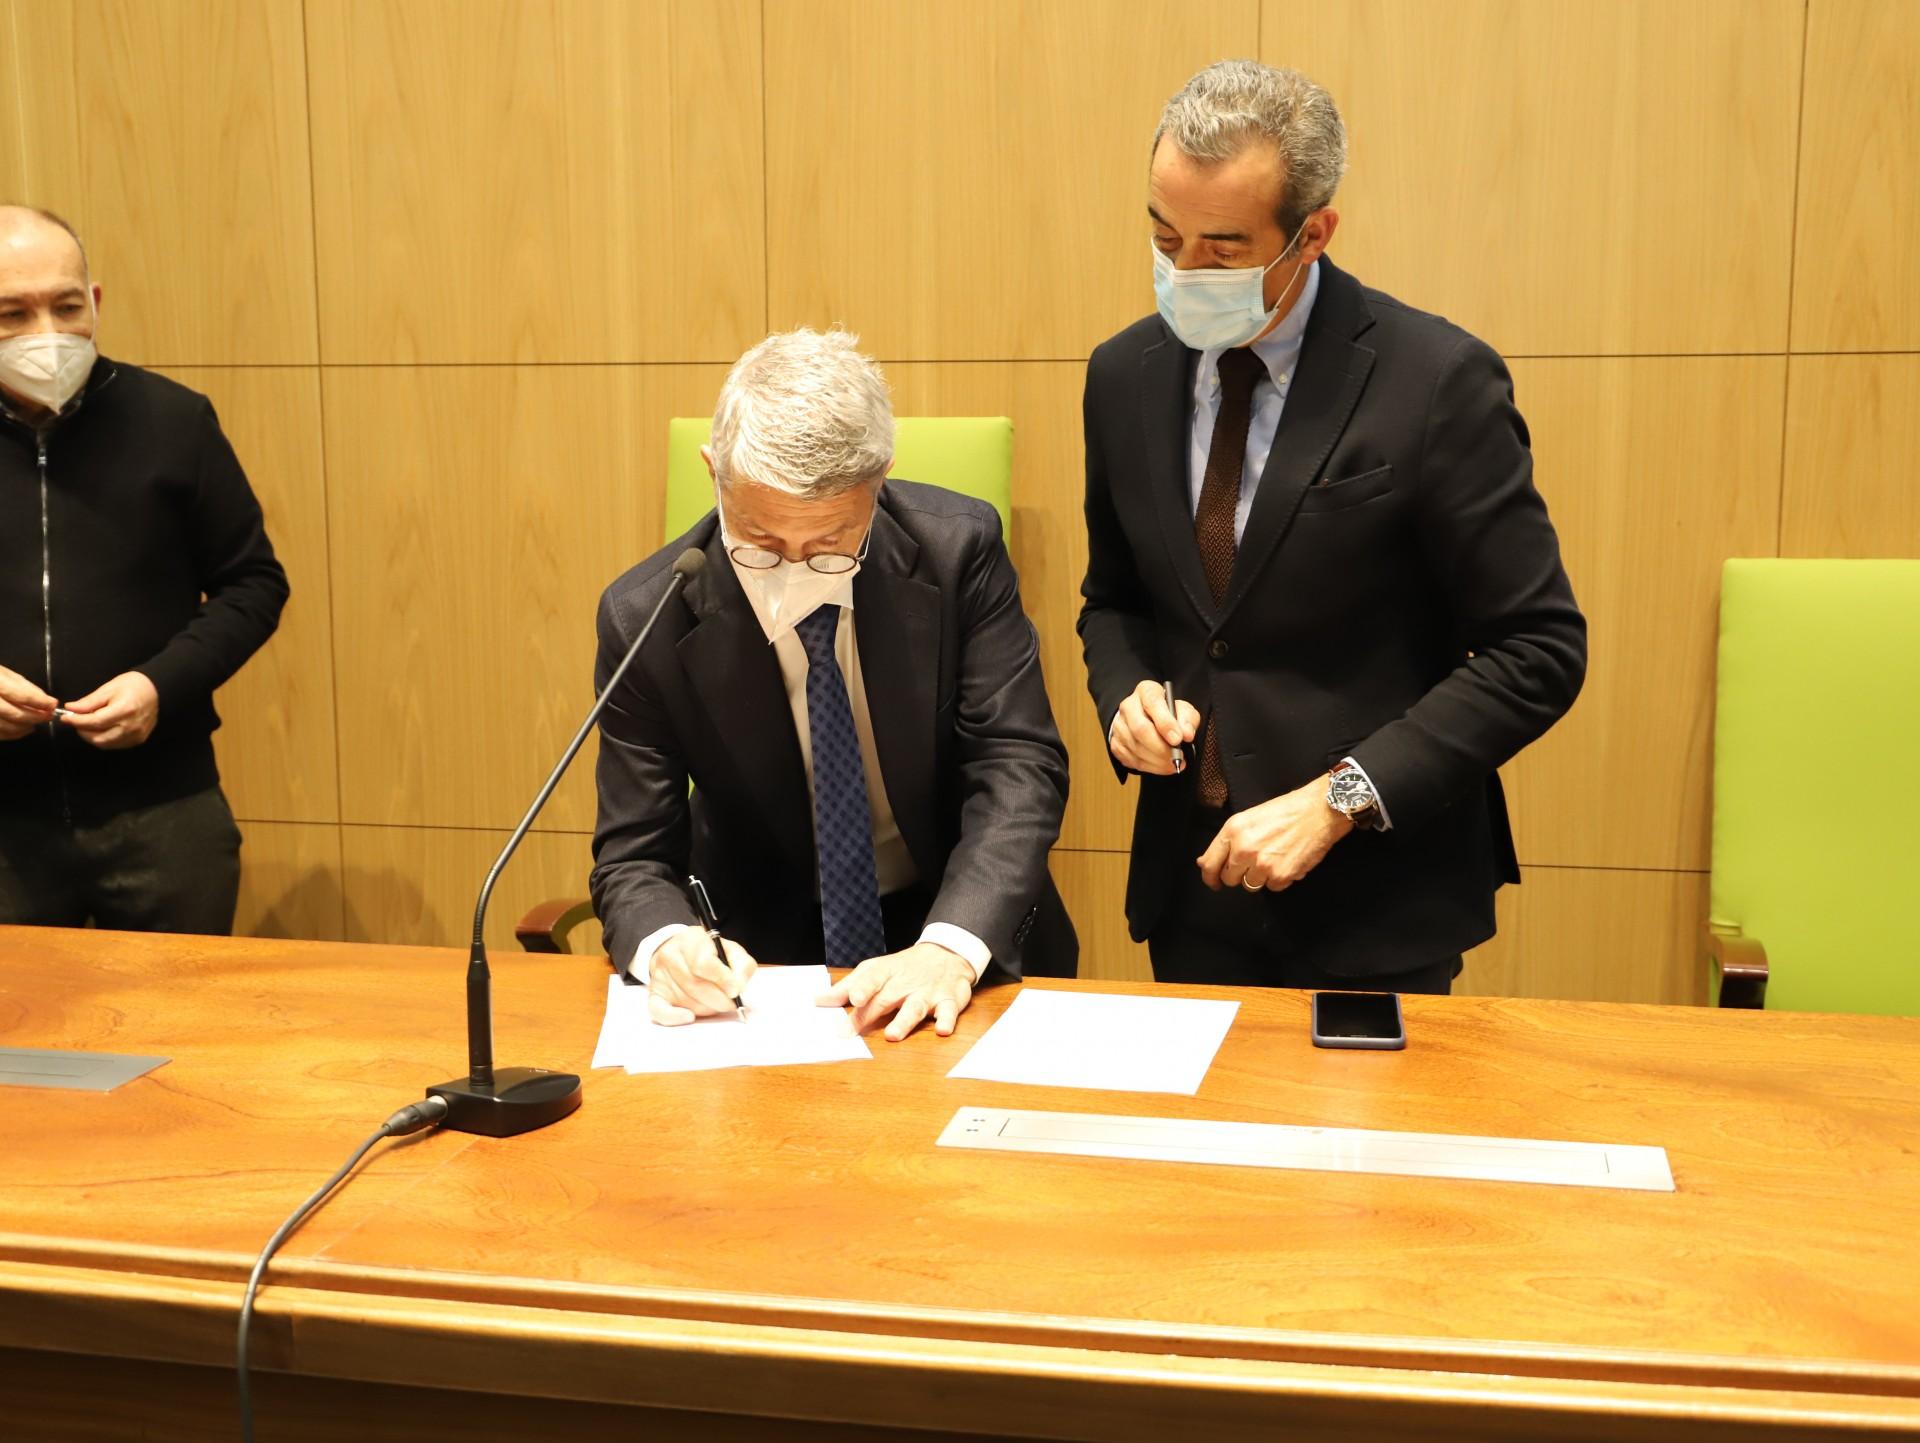 homens assinam documento